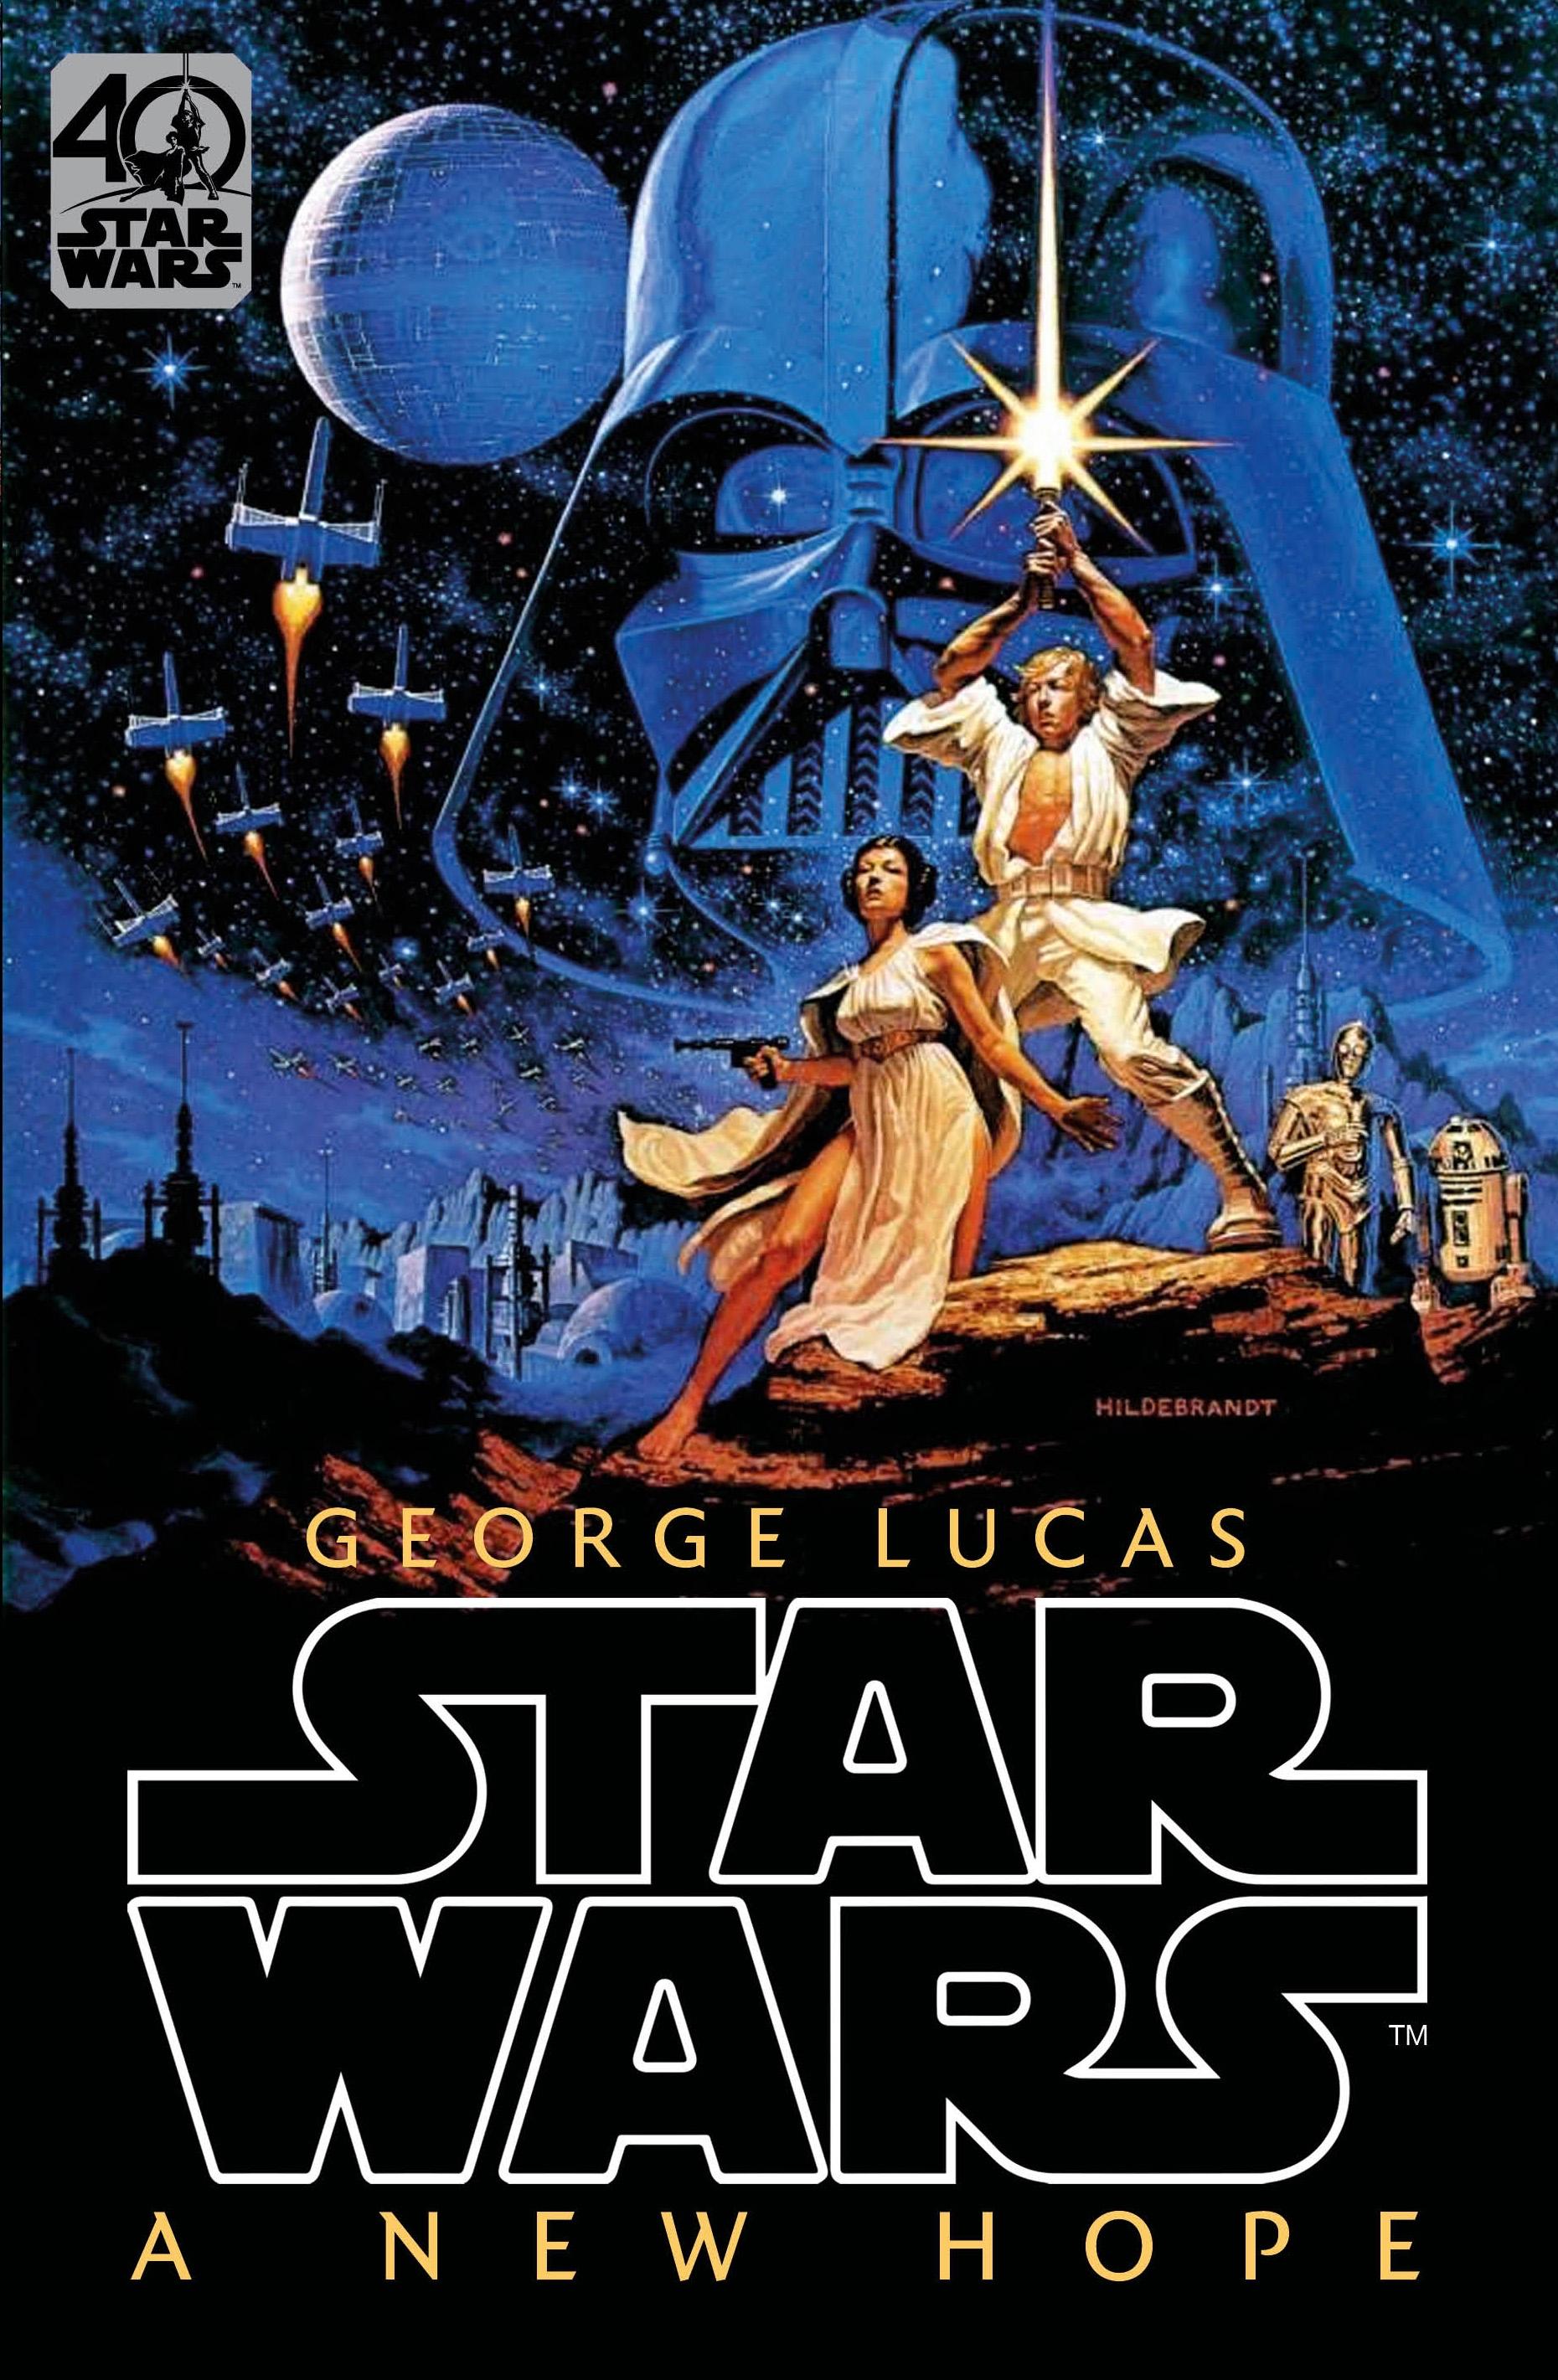 ვარსკვლავური ომები: ეპიზოდი 4 STAR WARS: EPISODE IV - A NEW HOPE